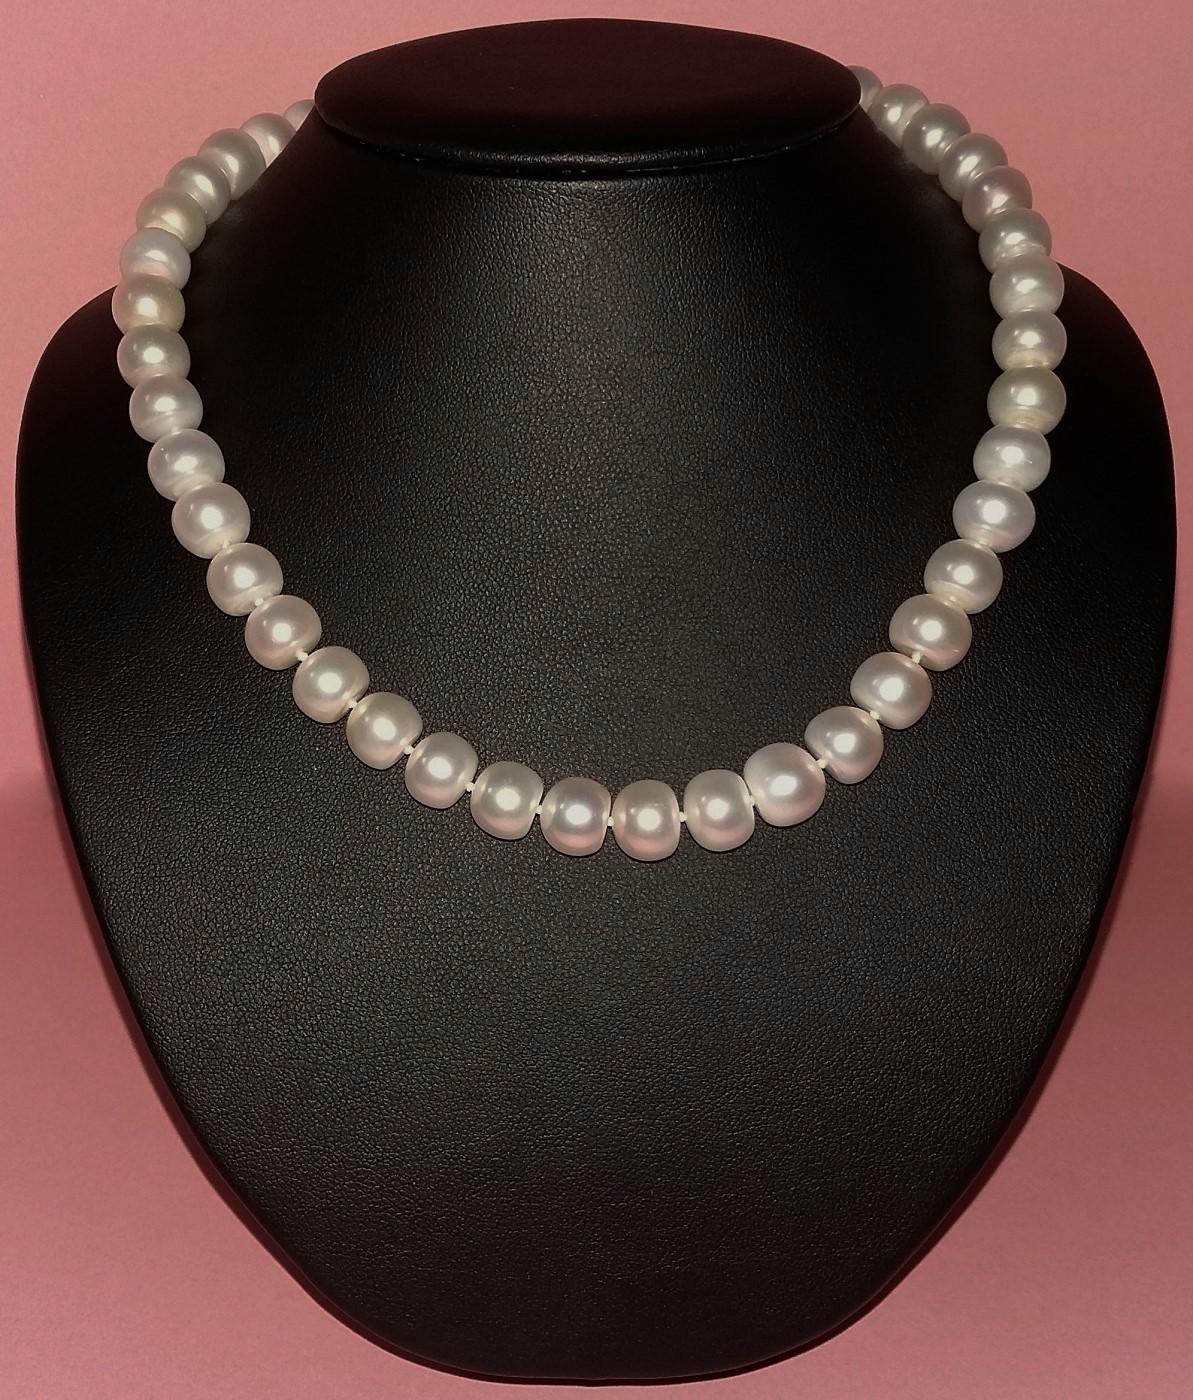 c04af33abd5d Collar clásico de perlas cultivadas blancas semiesféricas (en forma de  botón)